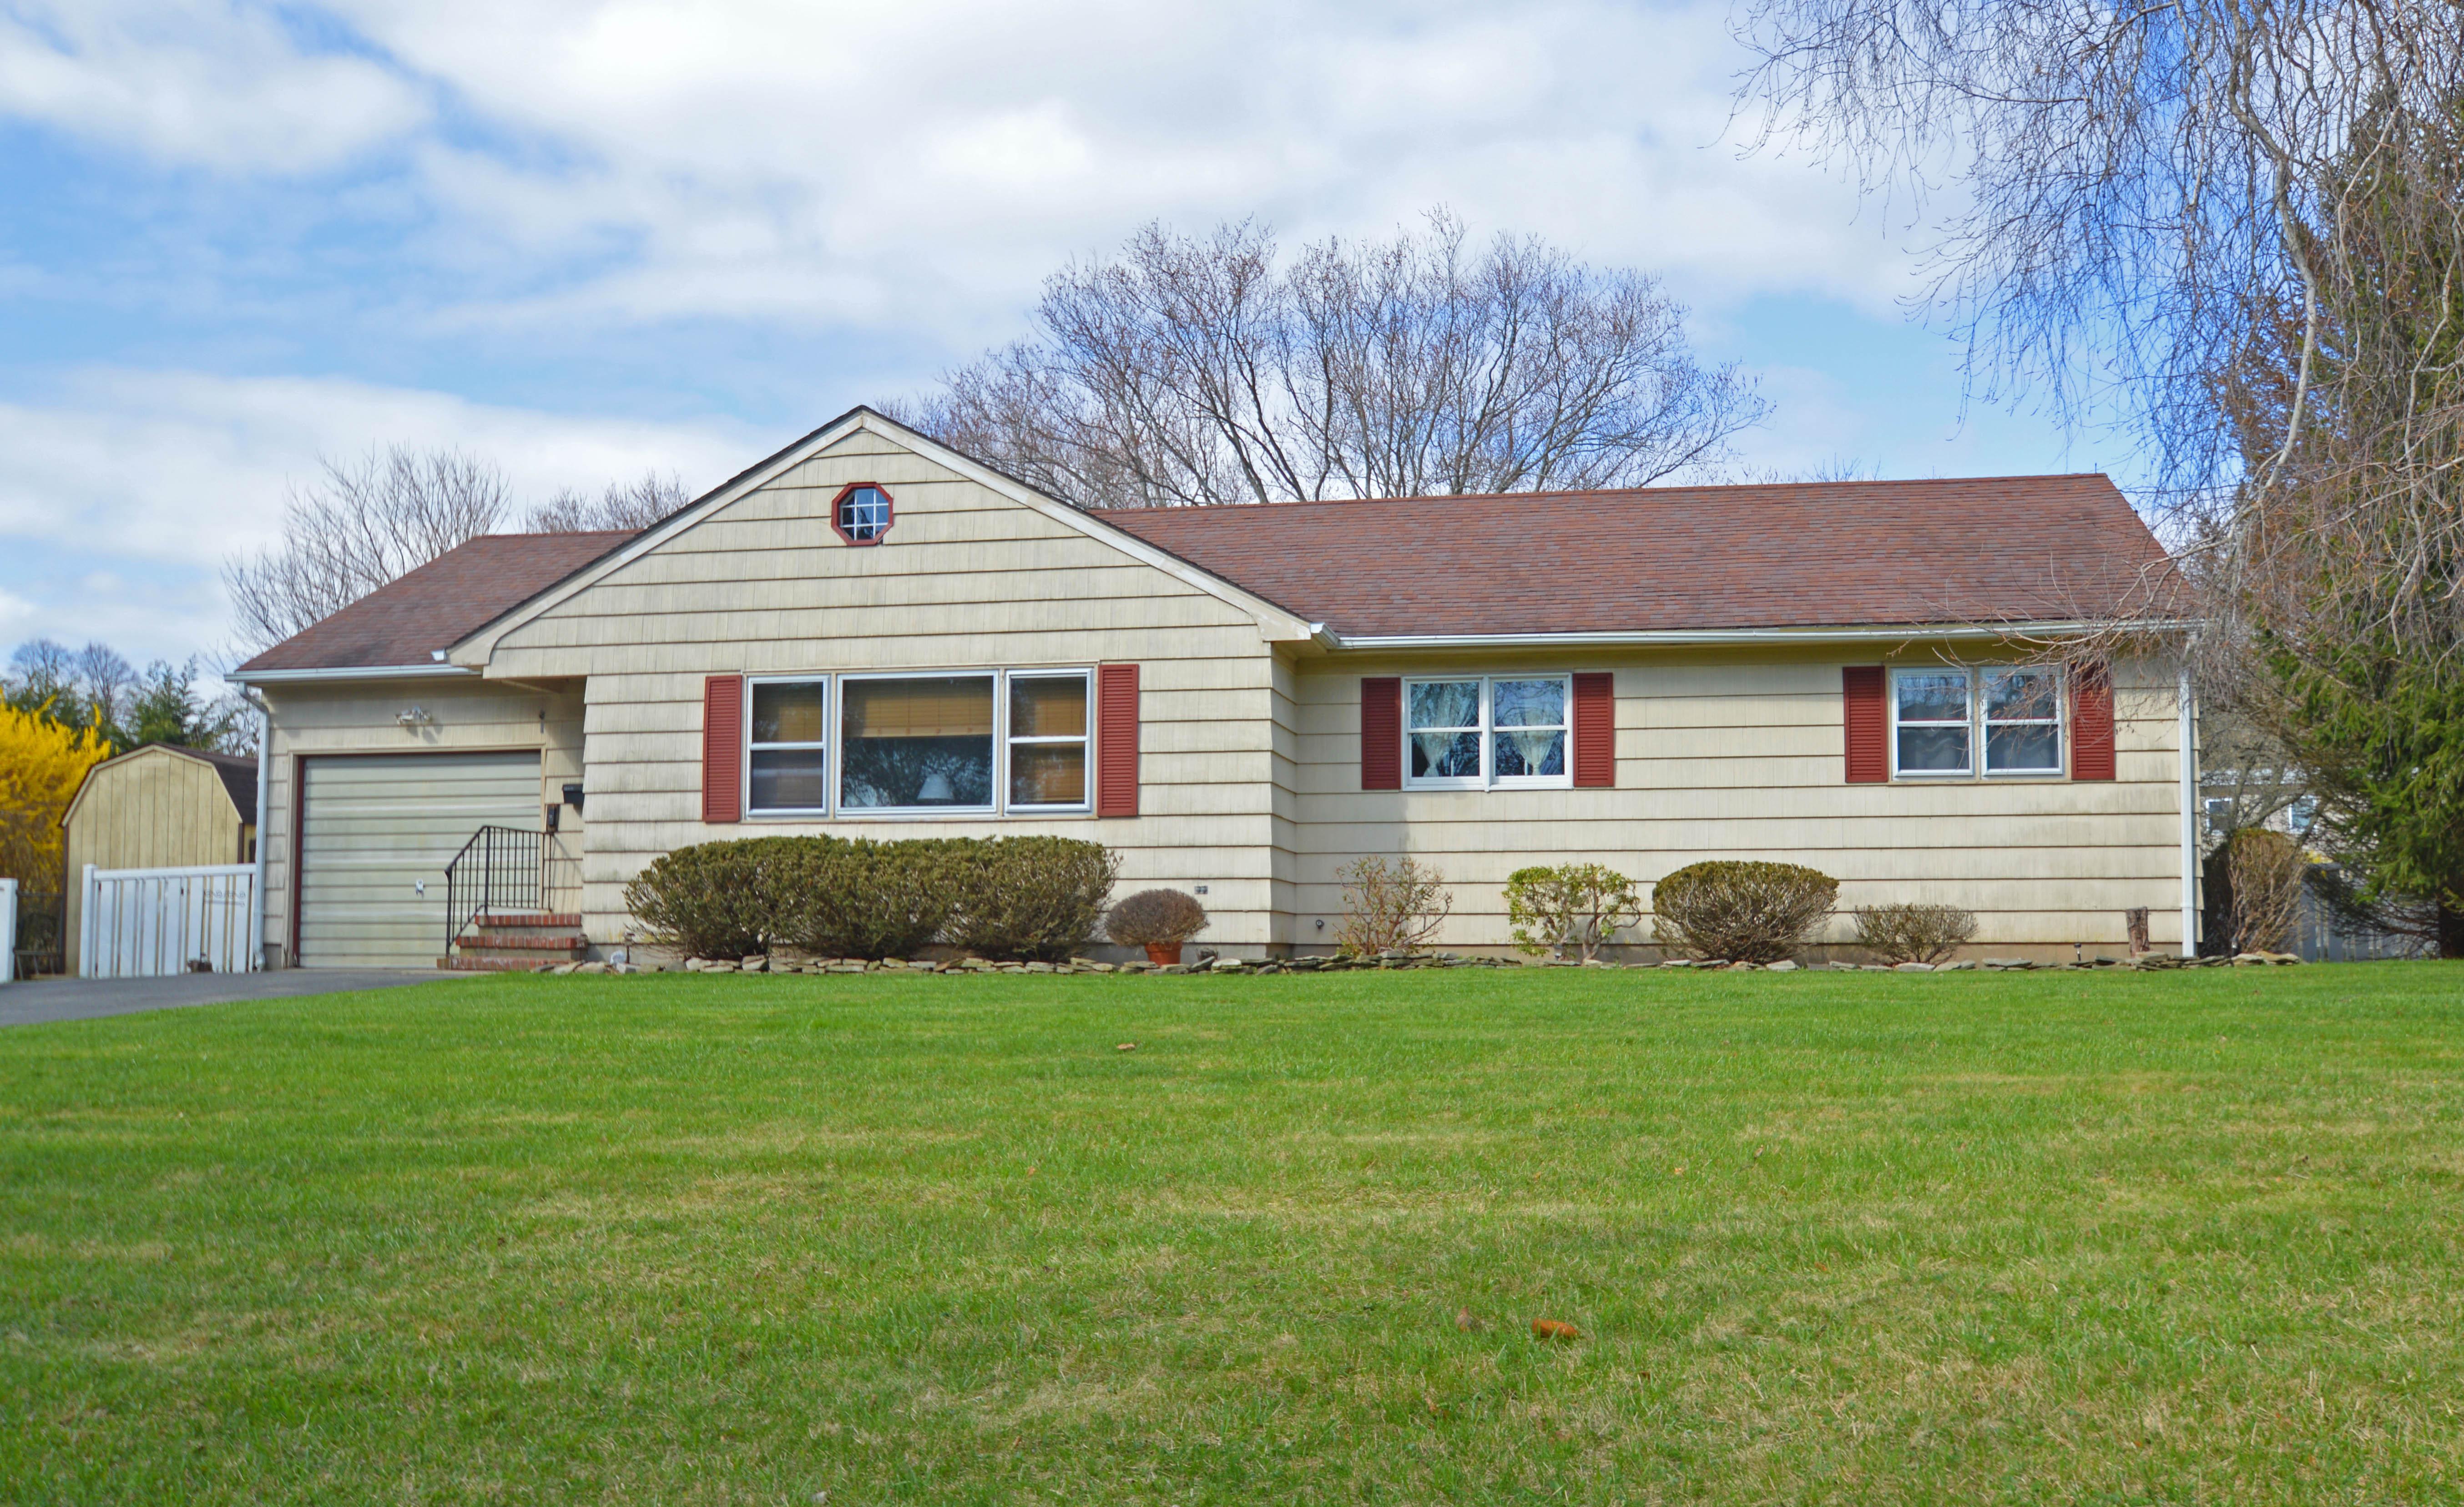 Casa para uma família para Venda às Ranch 13 Madison St Greenport, Nova York 11944 Estados Unidos